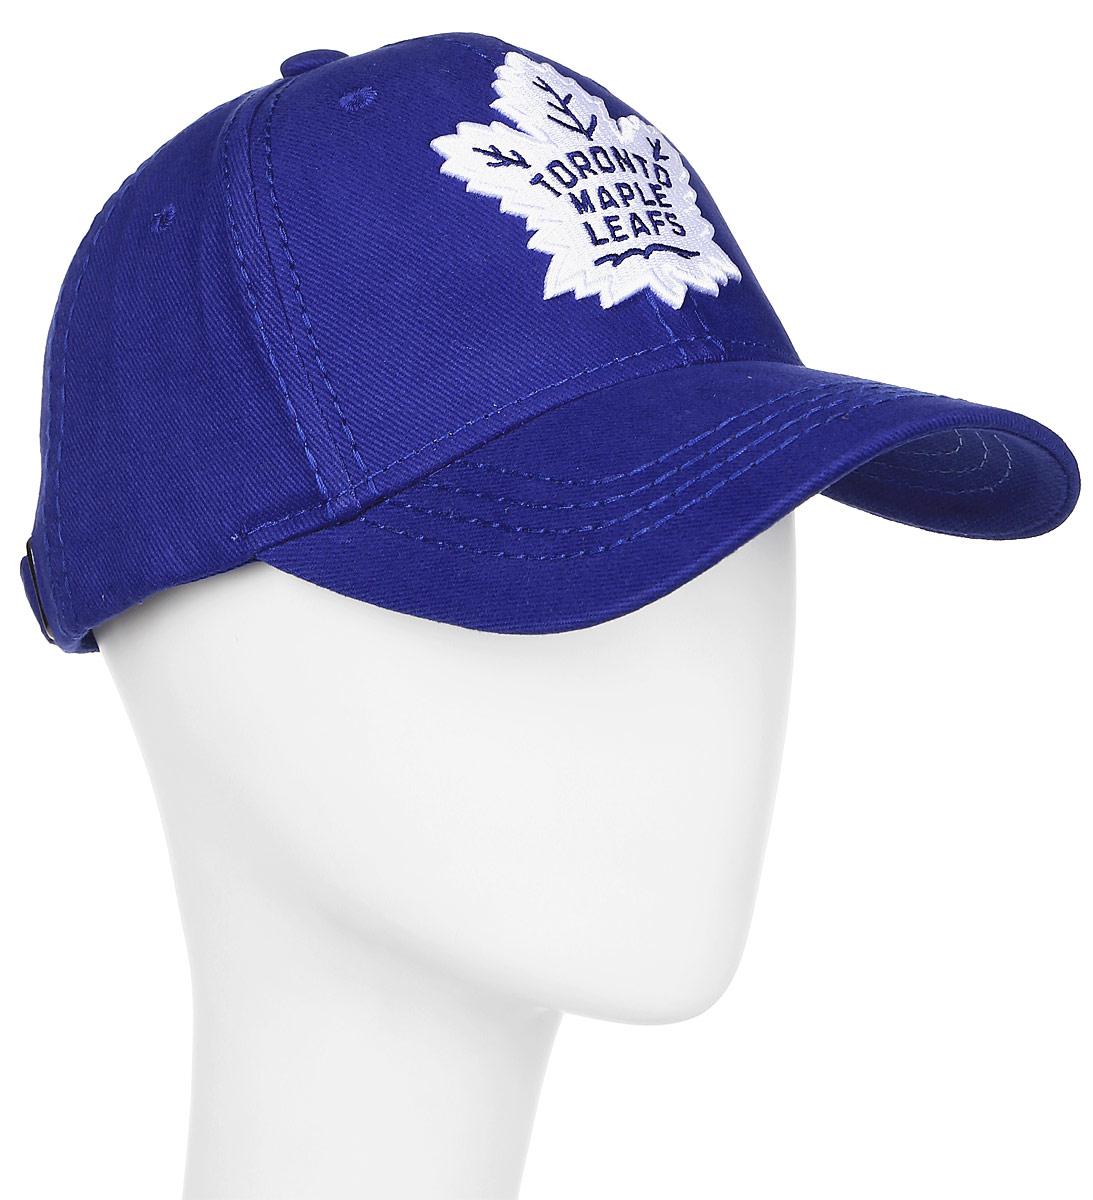 Бейсболка детская Atributika & Club Toronto Maple Leafs, цвет: синий. 29087. Размер 52/54 - Хоккей